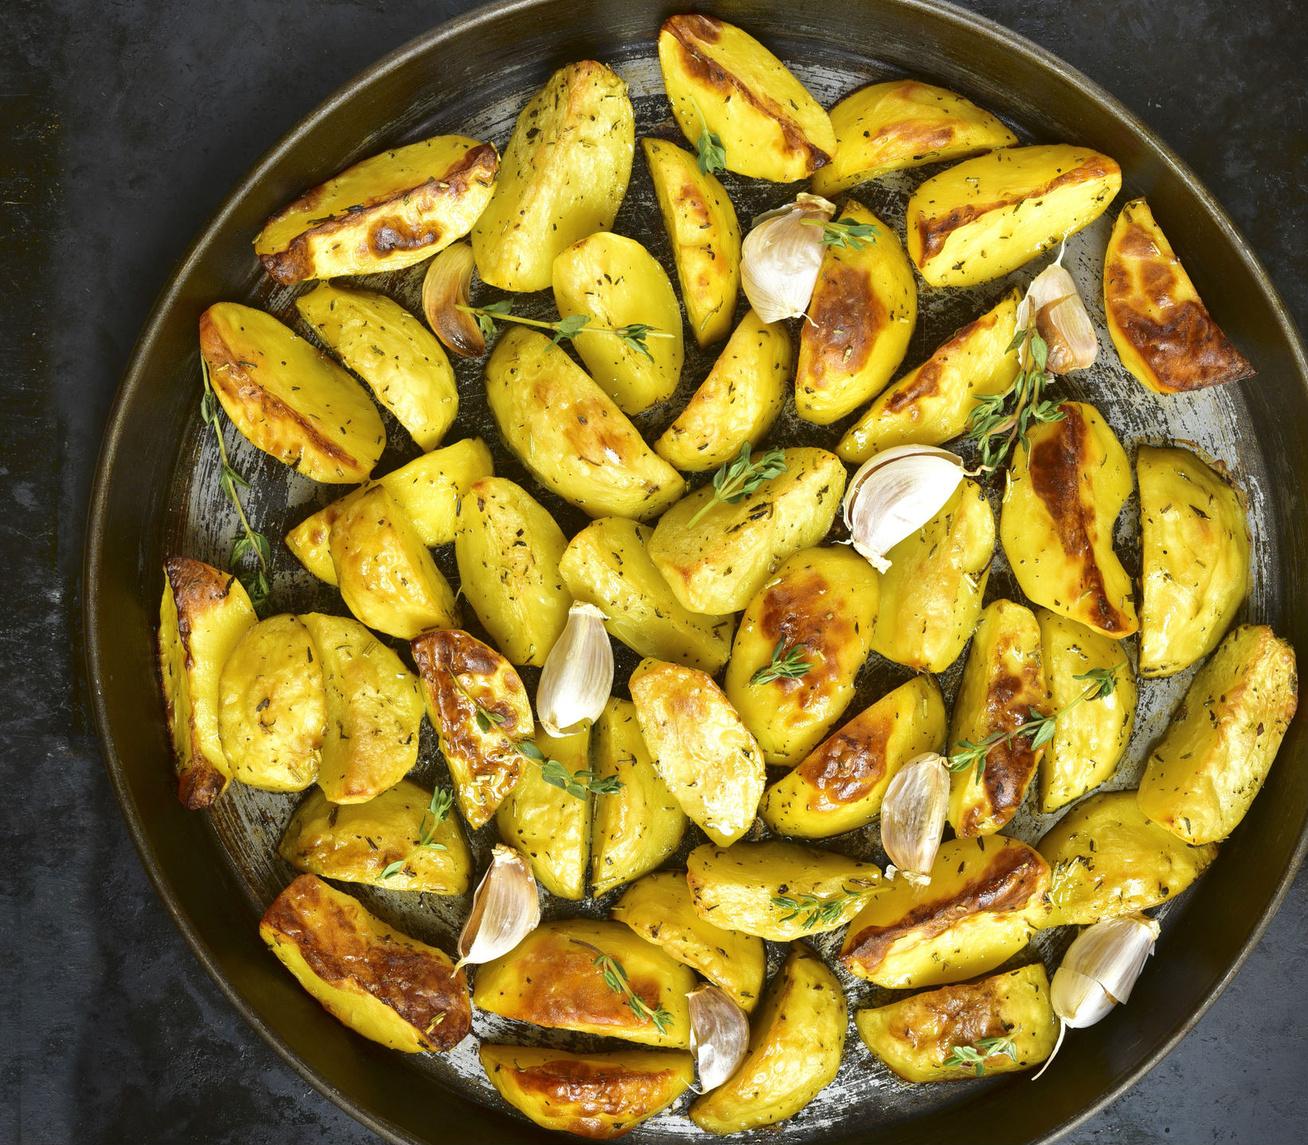 Fokhagymával sült, fűszeres krumpli: kívül jó ropogós